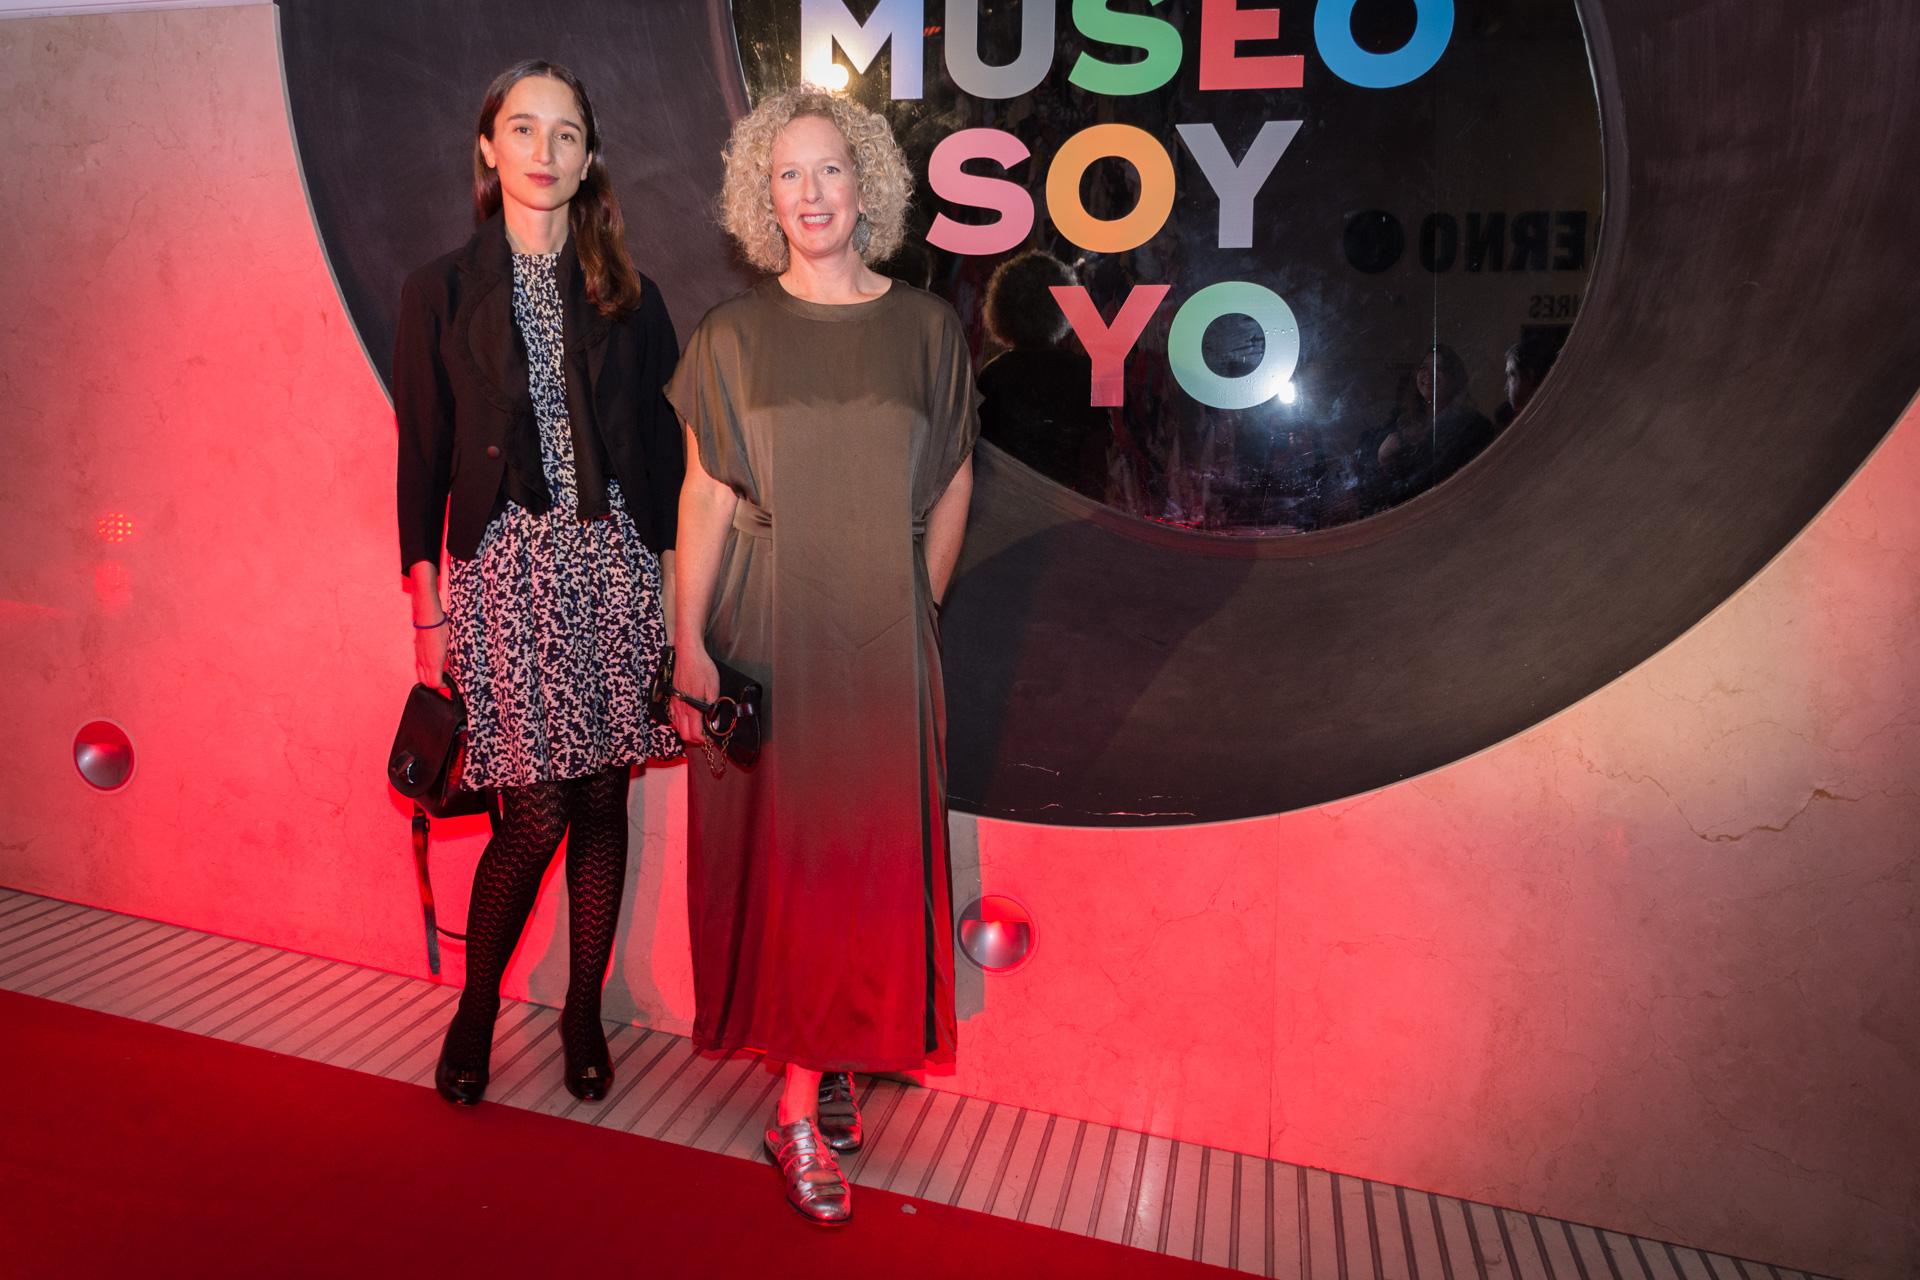 Luna Paiva y Astrid Perkins. Los invitados también disfrutaron de un preview exclusivo de las exposiciones del Museo